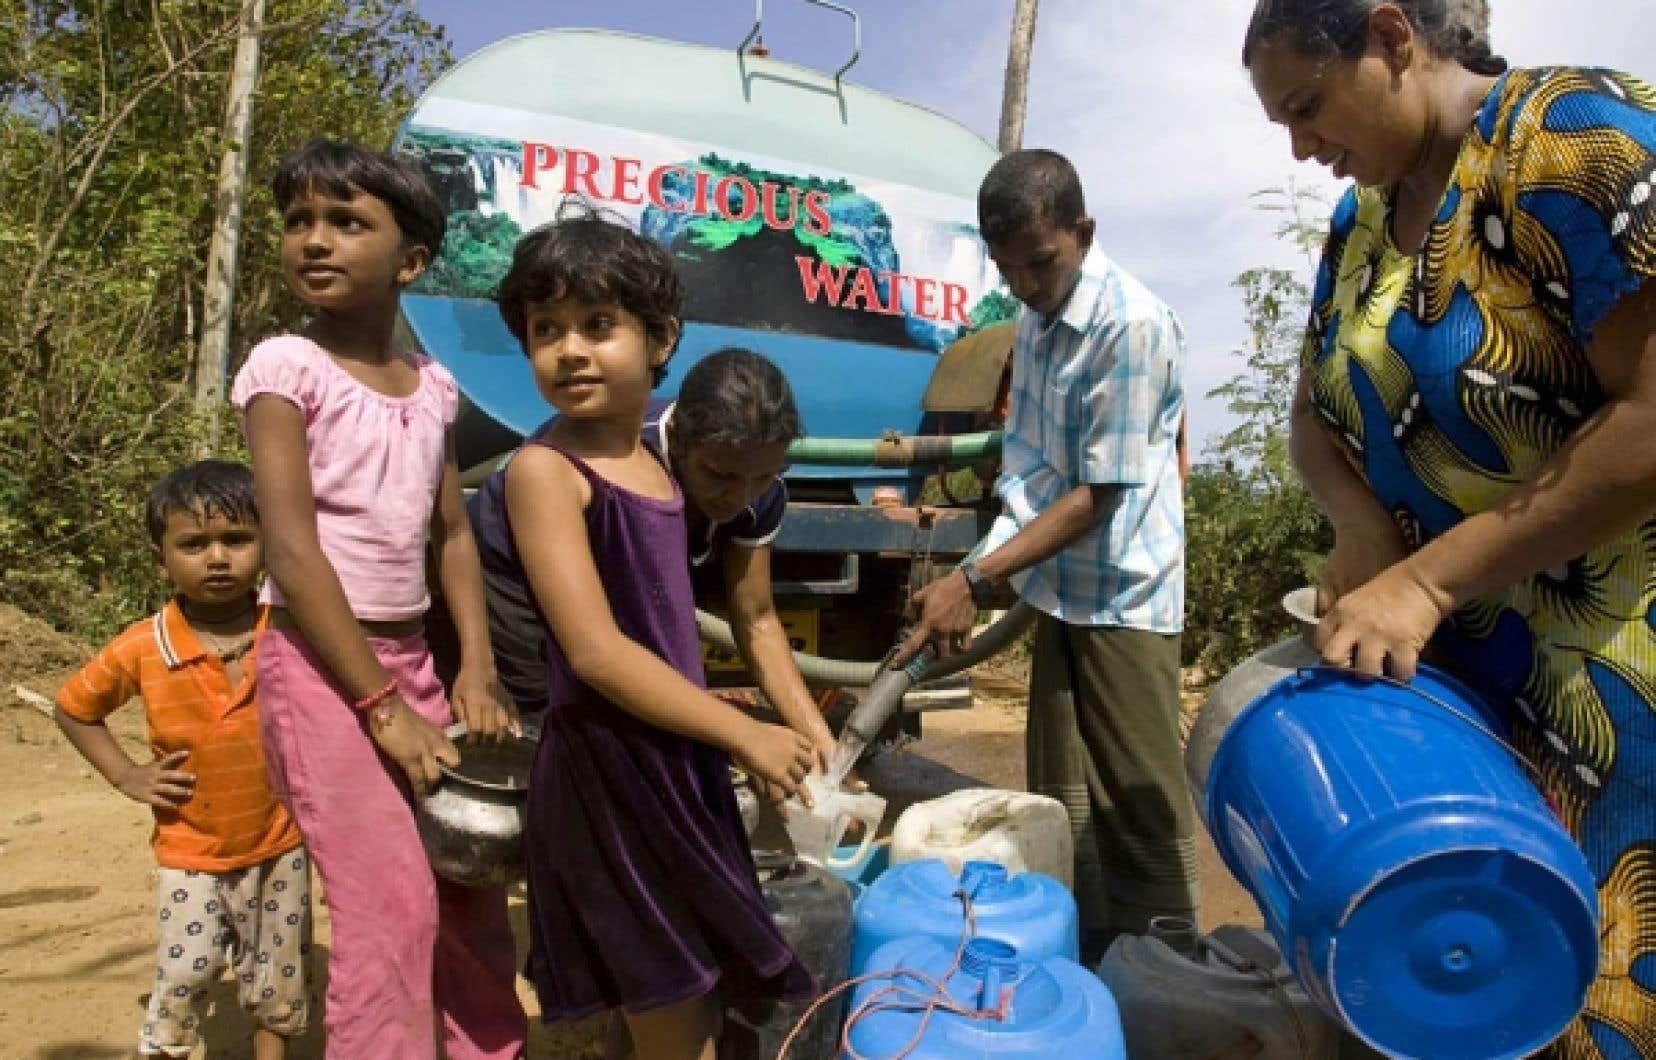 L'Asie regroupe 60 % de la population mondiale, mais elle ne bénéficie que de 36 % de l'eau douce disponible sur le globe, ce qui rend nécessaire la distribution de cette précieuse ressource dans de nombreuses régions.